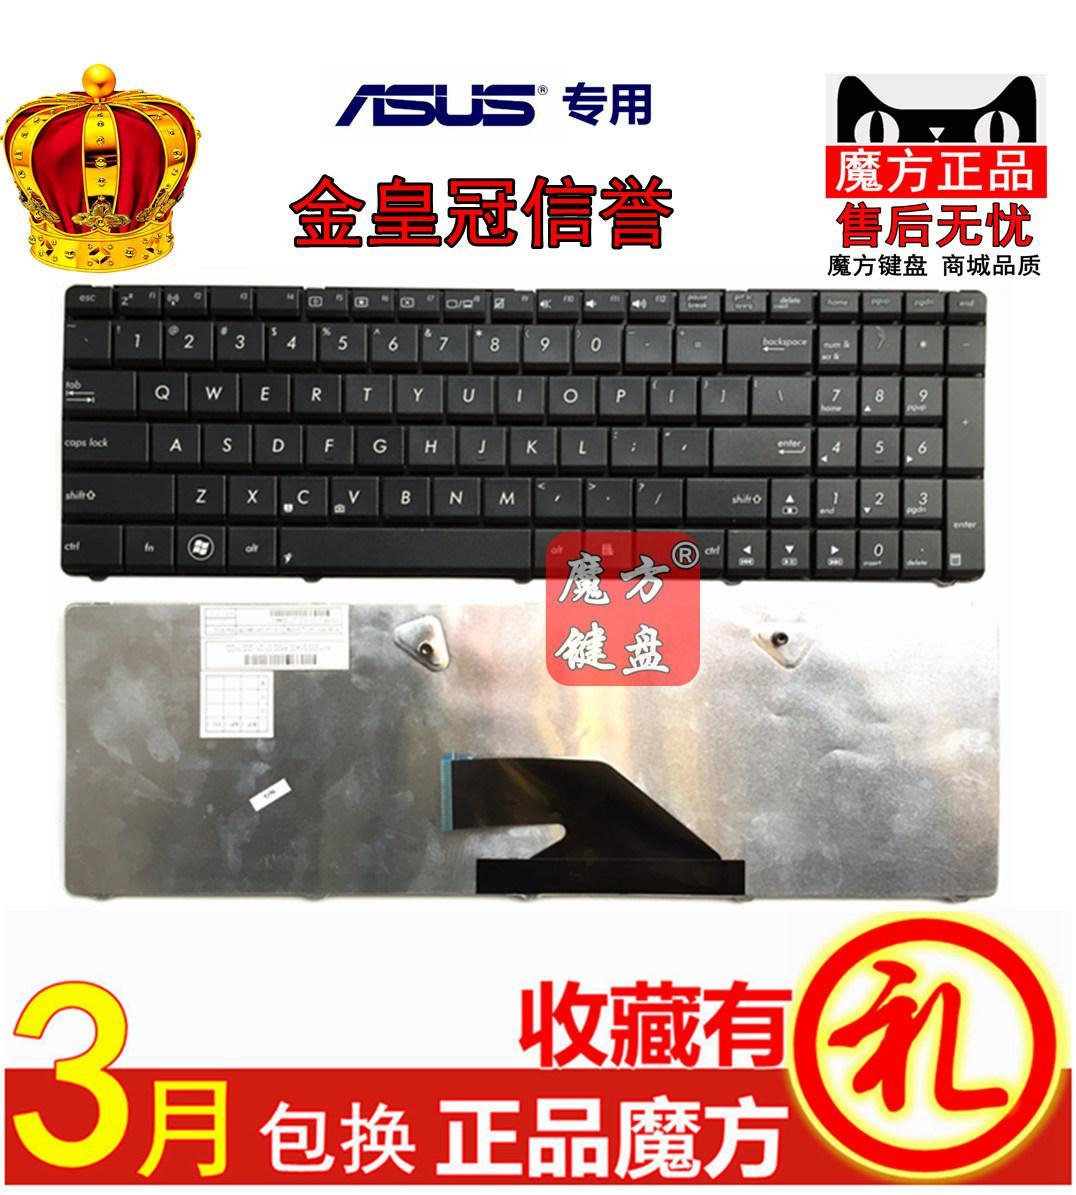 Semua Yang Baru ASUS Yang Ansus K75 K75 D K75 De K75 Yang K75 V K75 VJ K75 WM Keyboard -Internasional